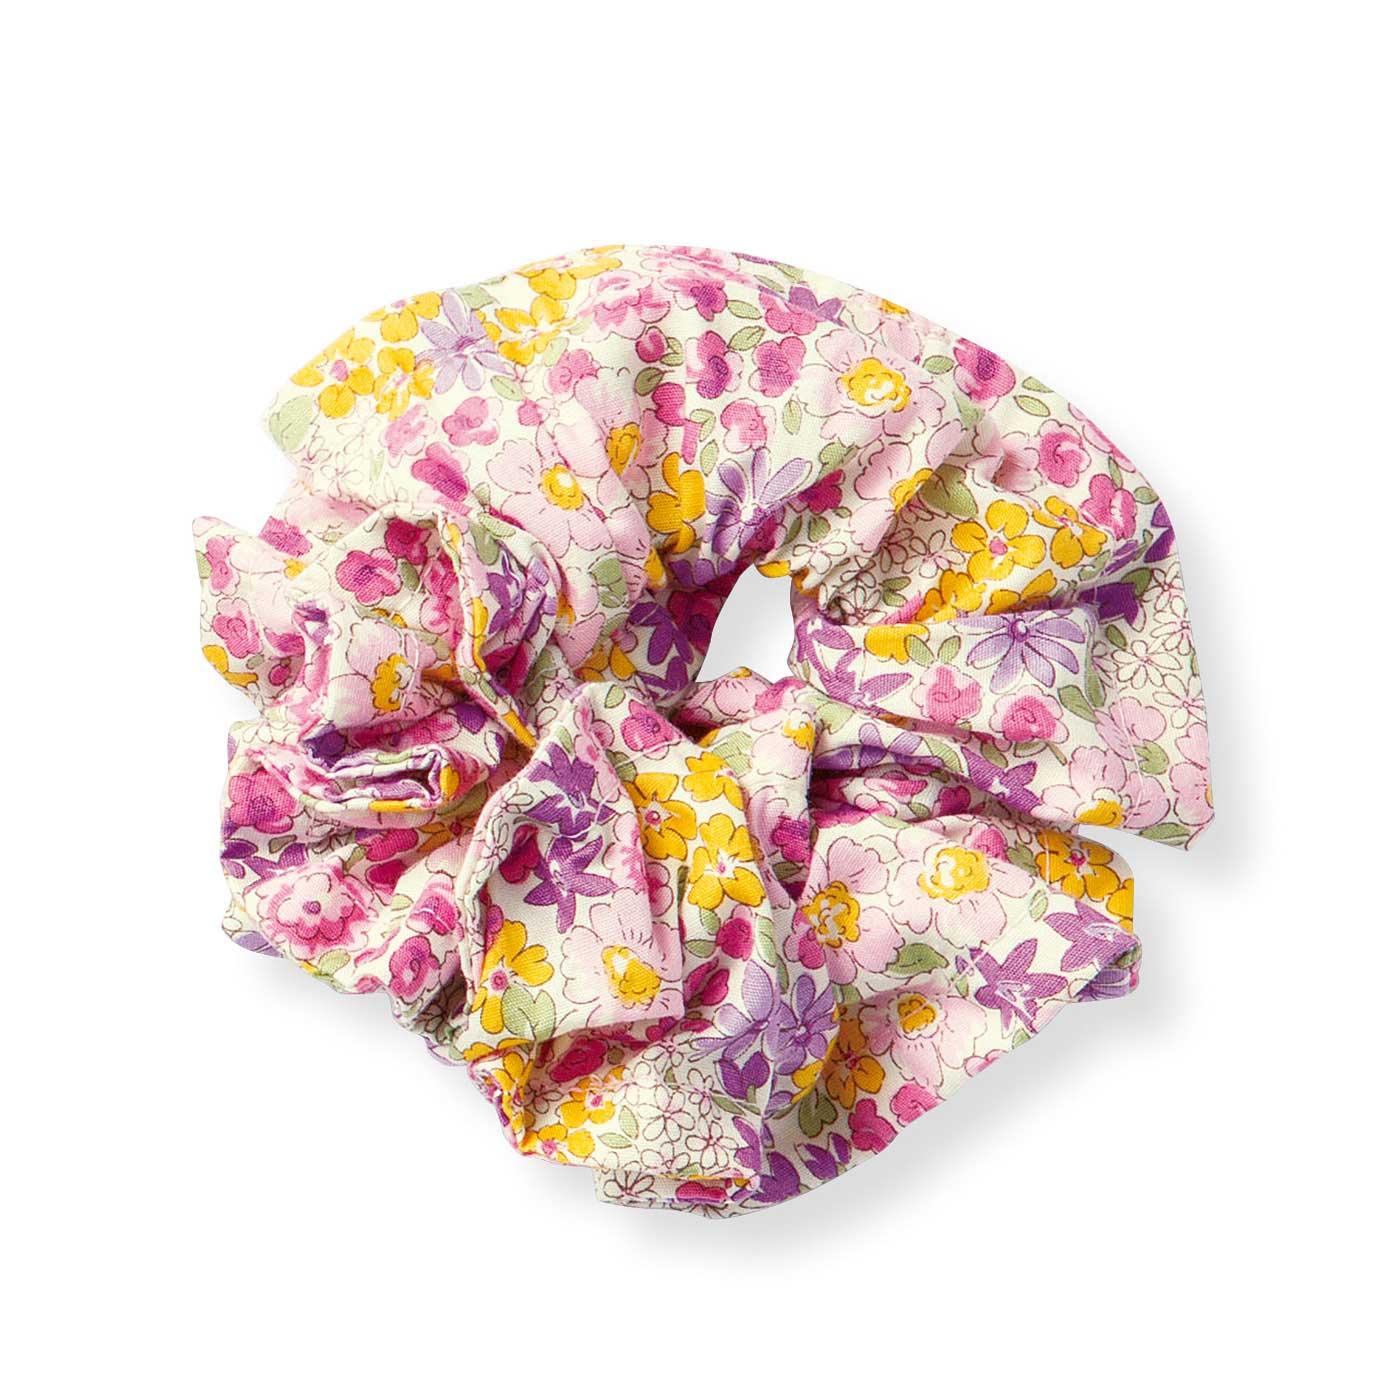 色とりどりのかわいい花柄デザイン。